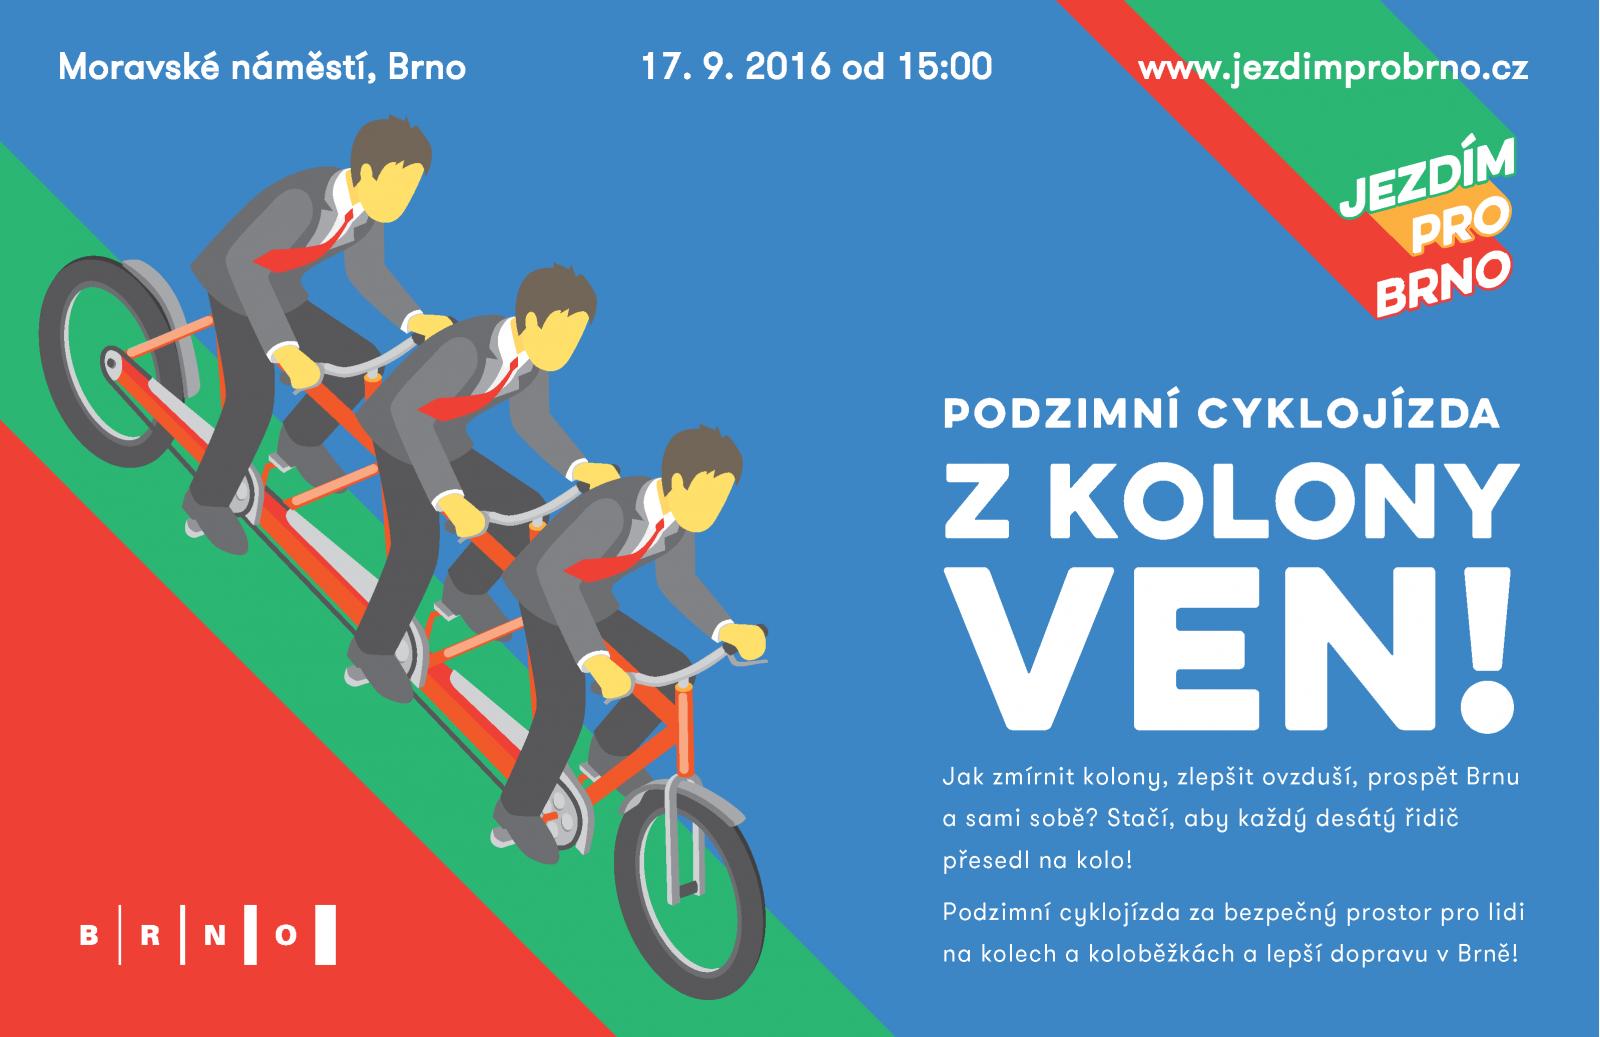 Z kolony ven! Podzimní cyklojízda / Critical Mass Brno 17. 9. 2016